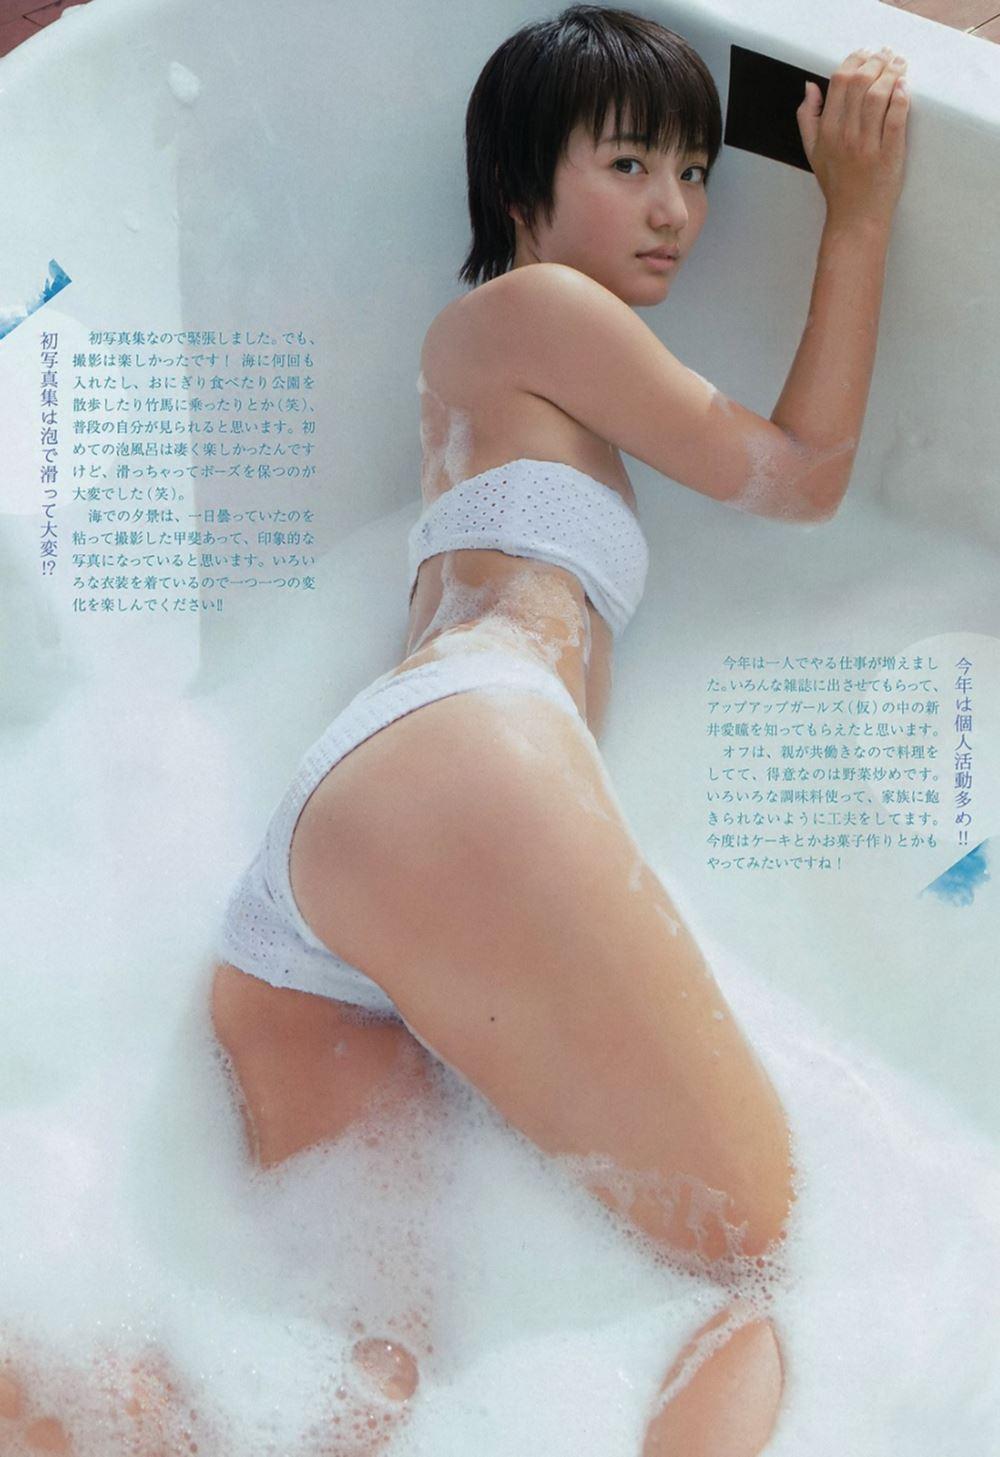 新井愛瞳 画像 49